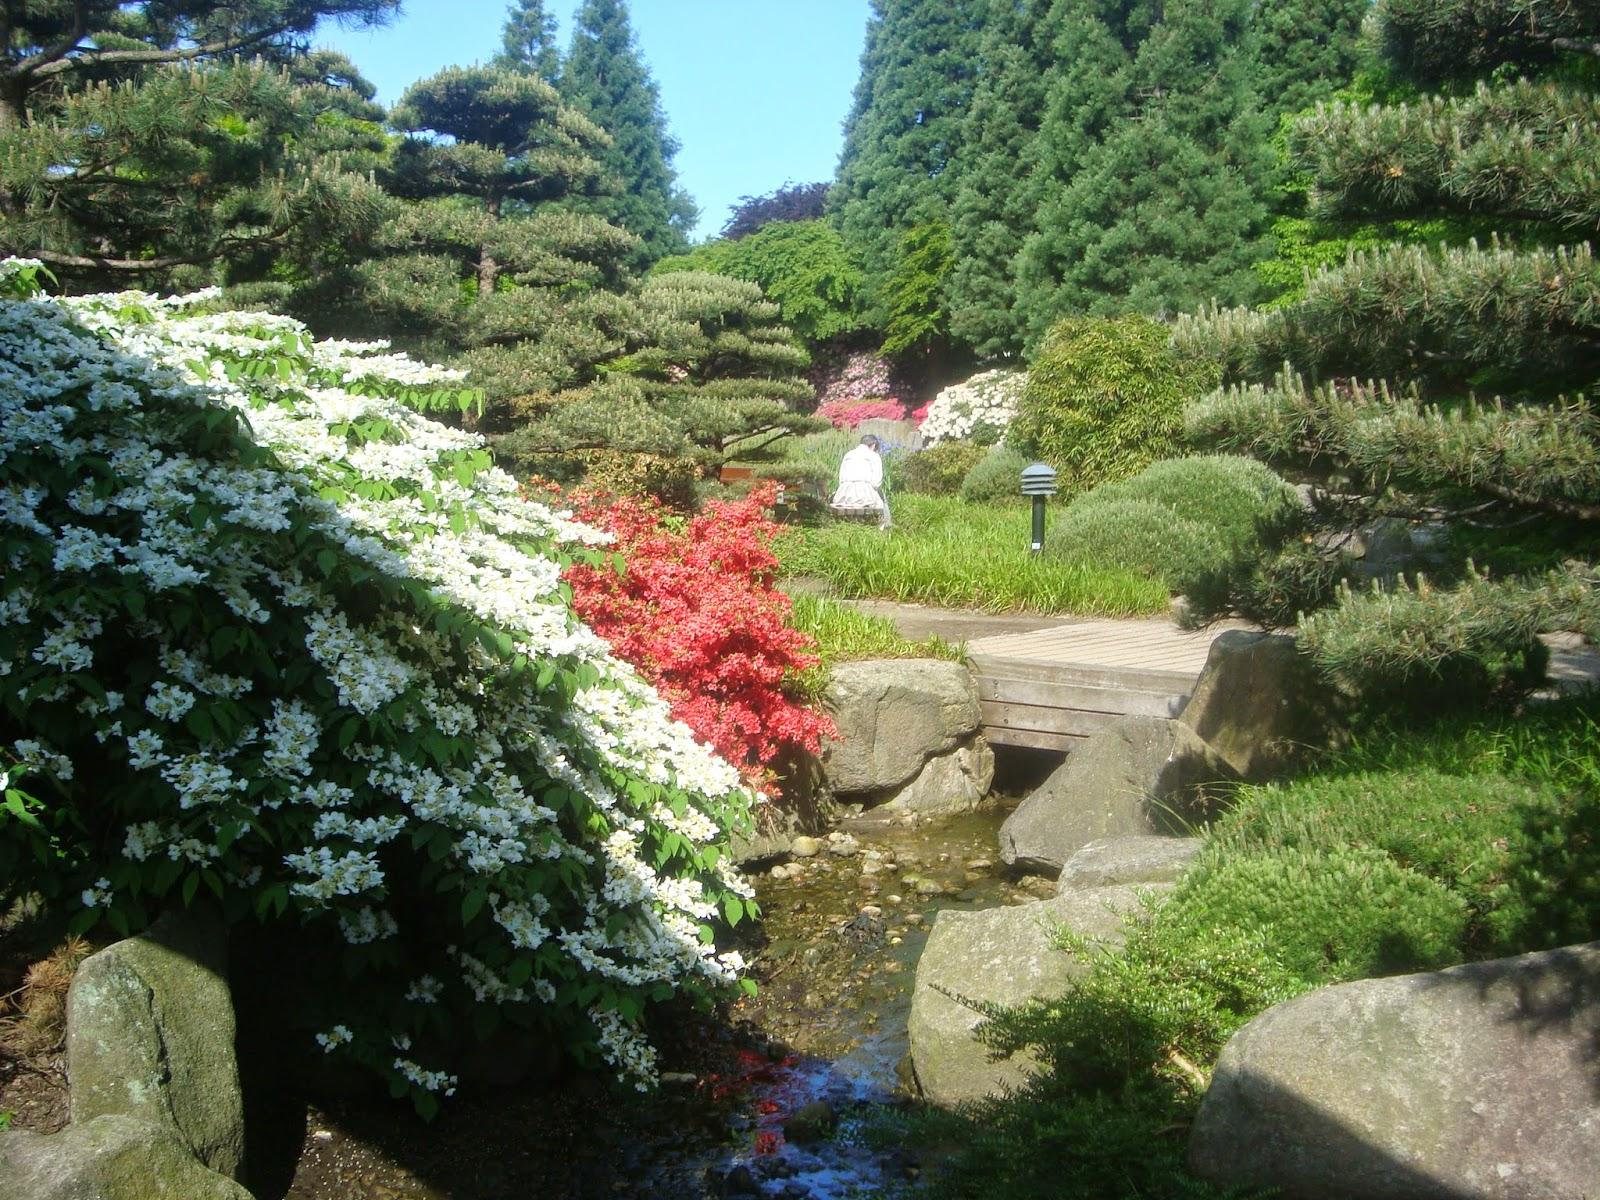 όλο τον ιαπωνικό κήπο διατρέχουν ρυακια